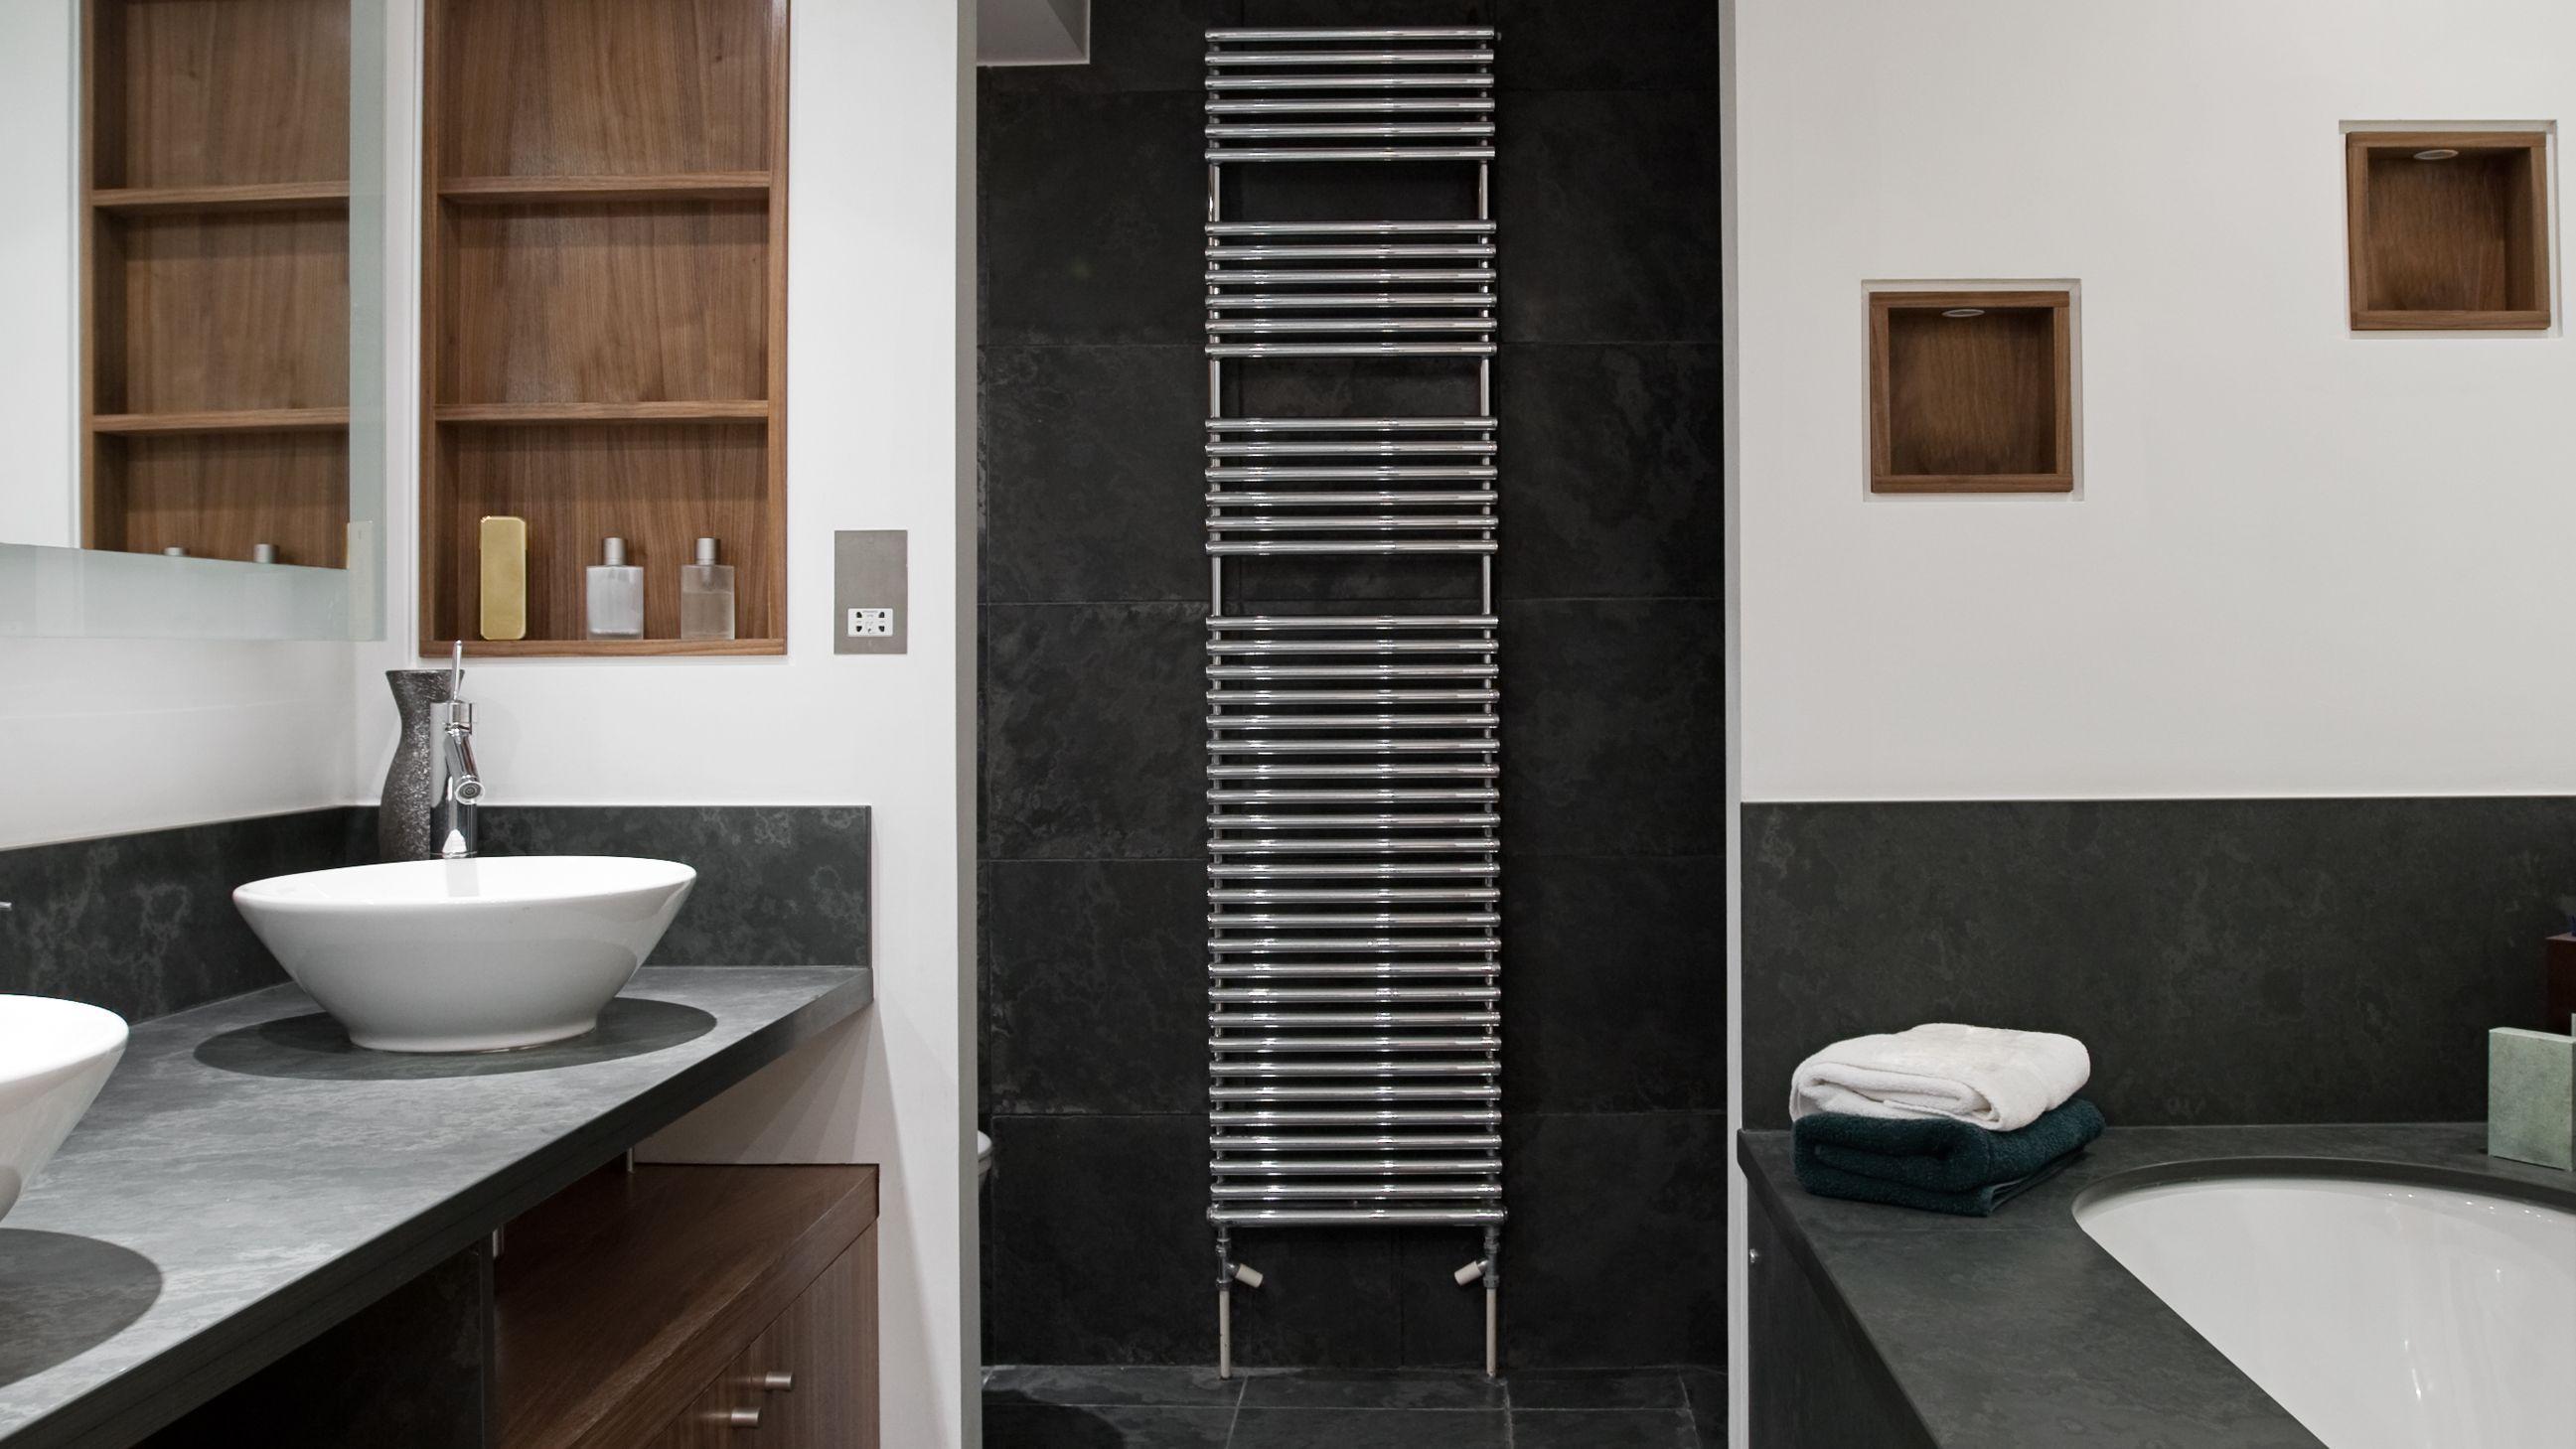 Come scegliere il riscaldamento per il bagno